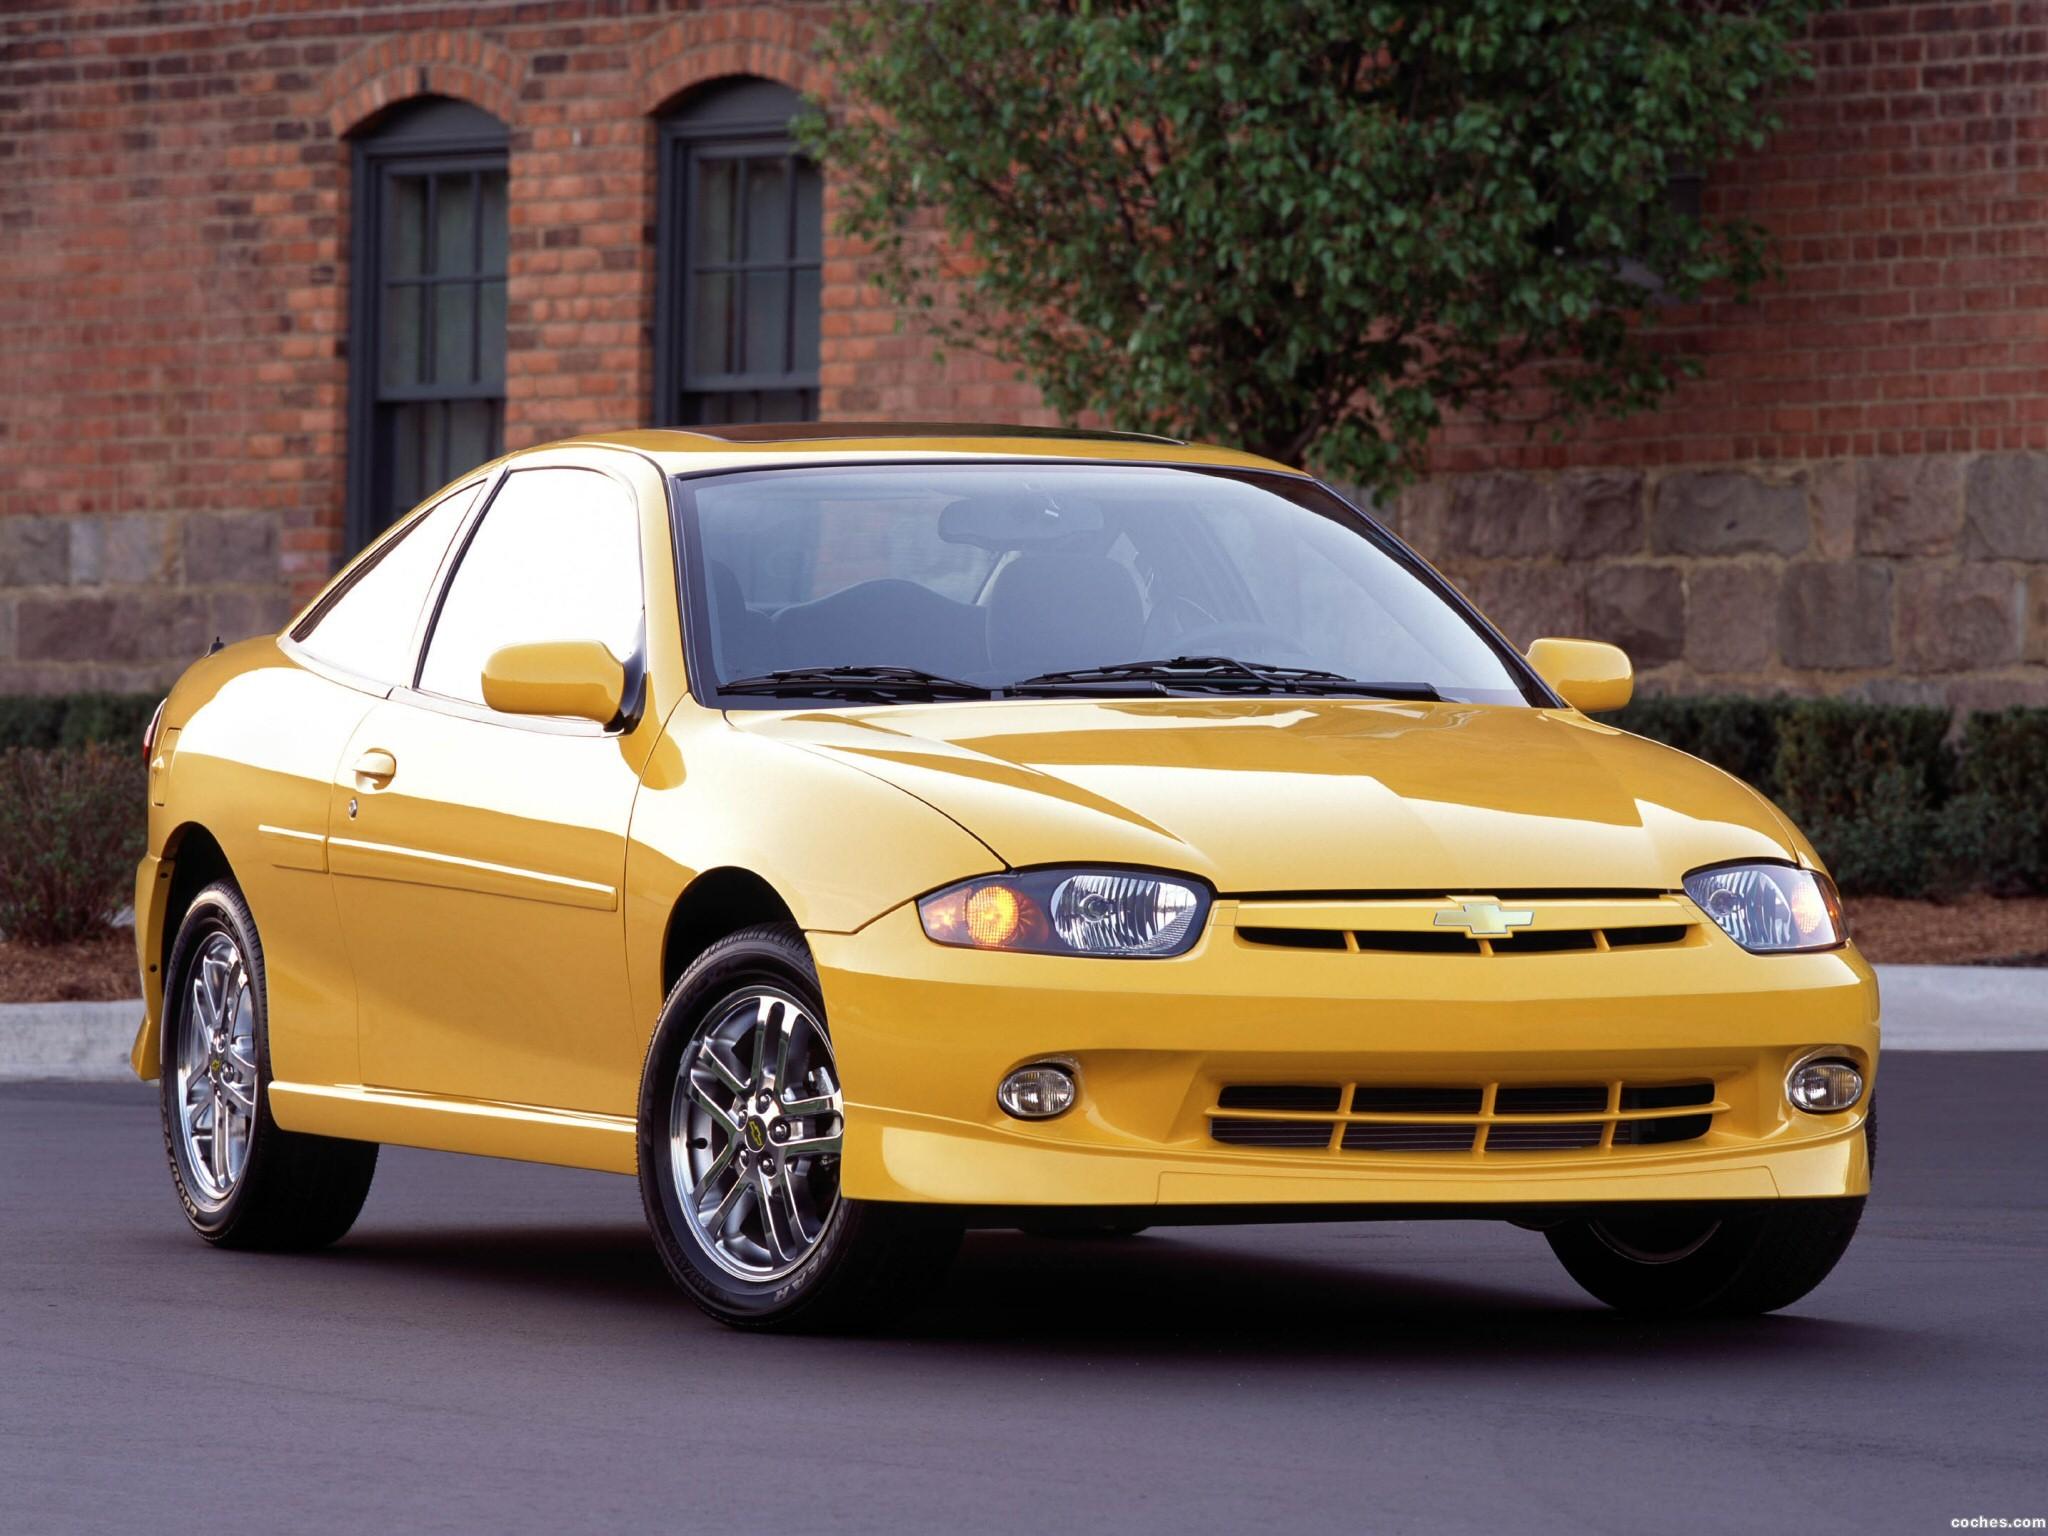 Foto 0 de Chevrolet Cavalier 2004